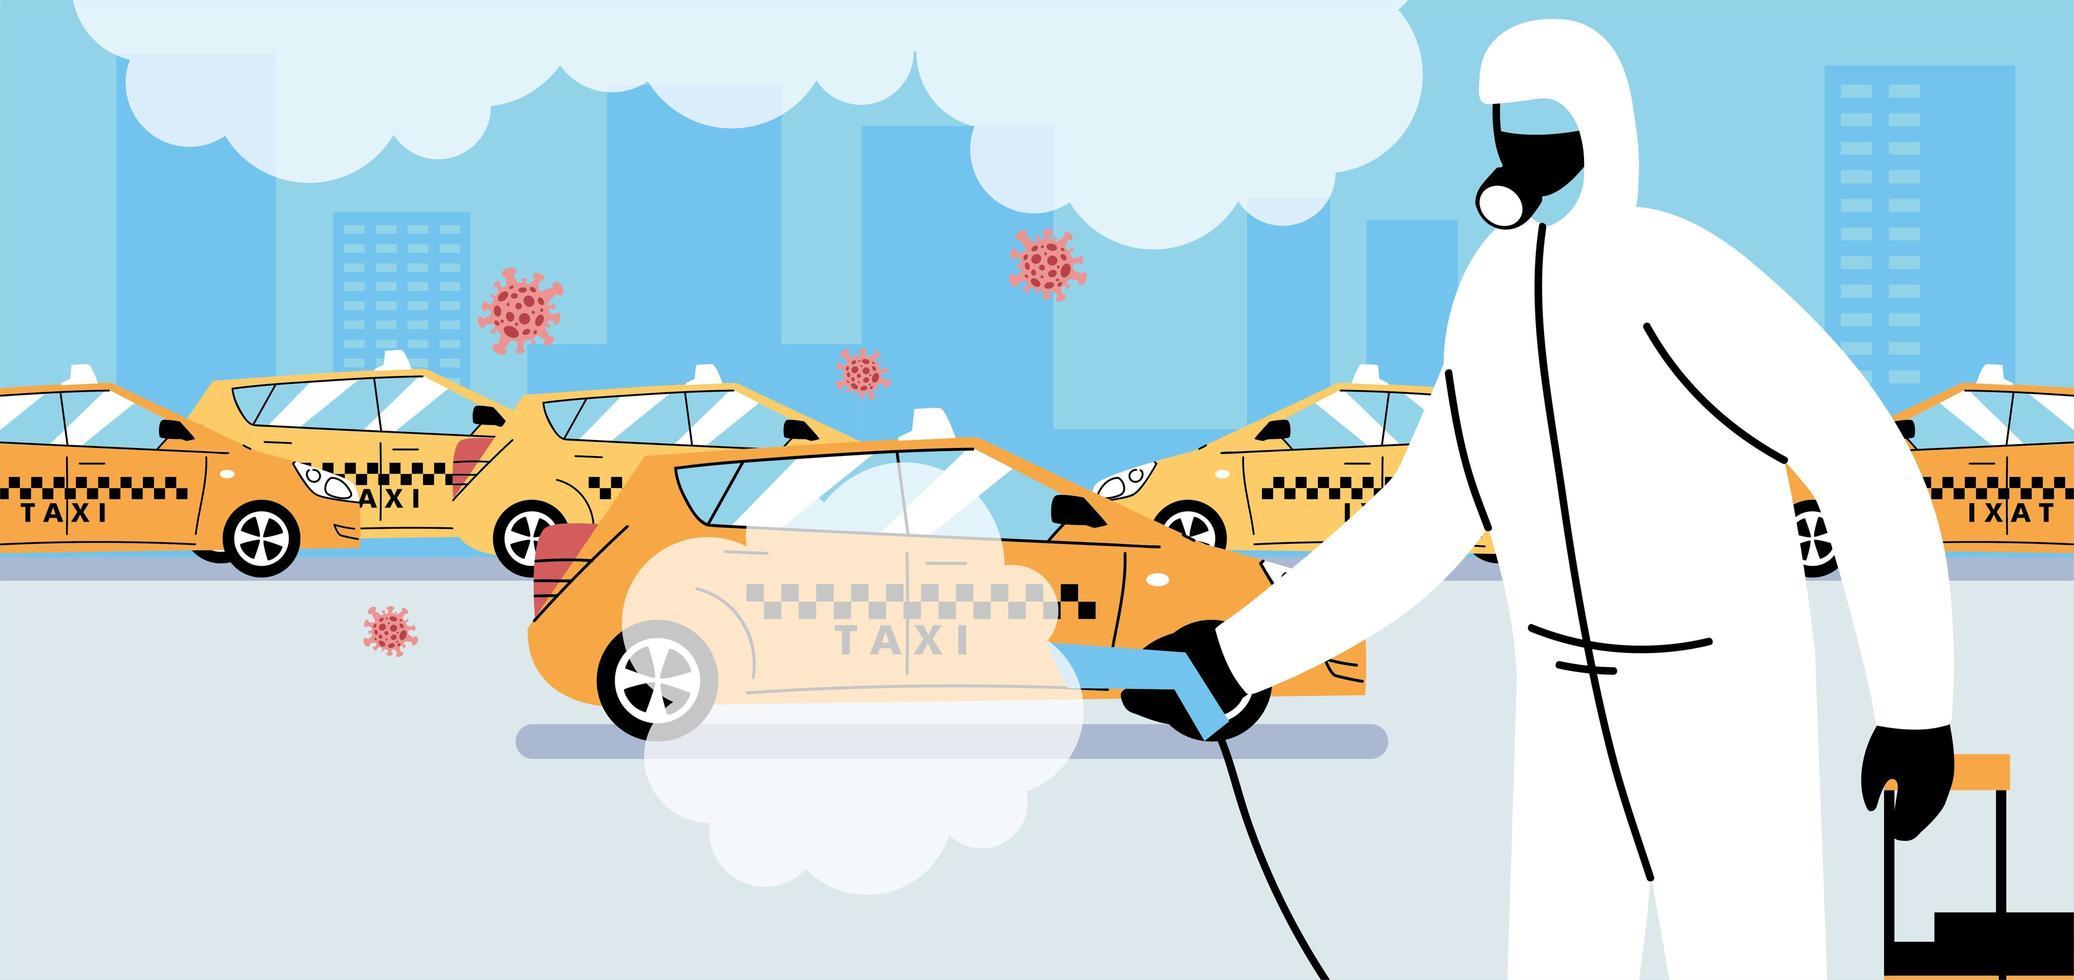 servicio taxi desinfección de coronavirus o covid 19 vector